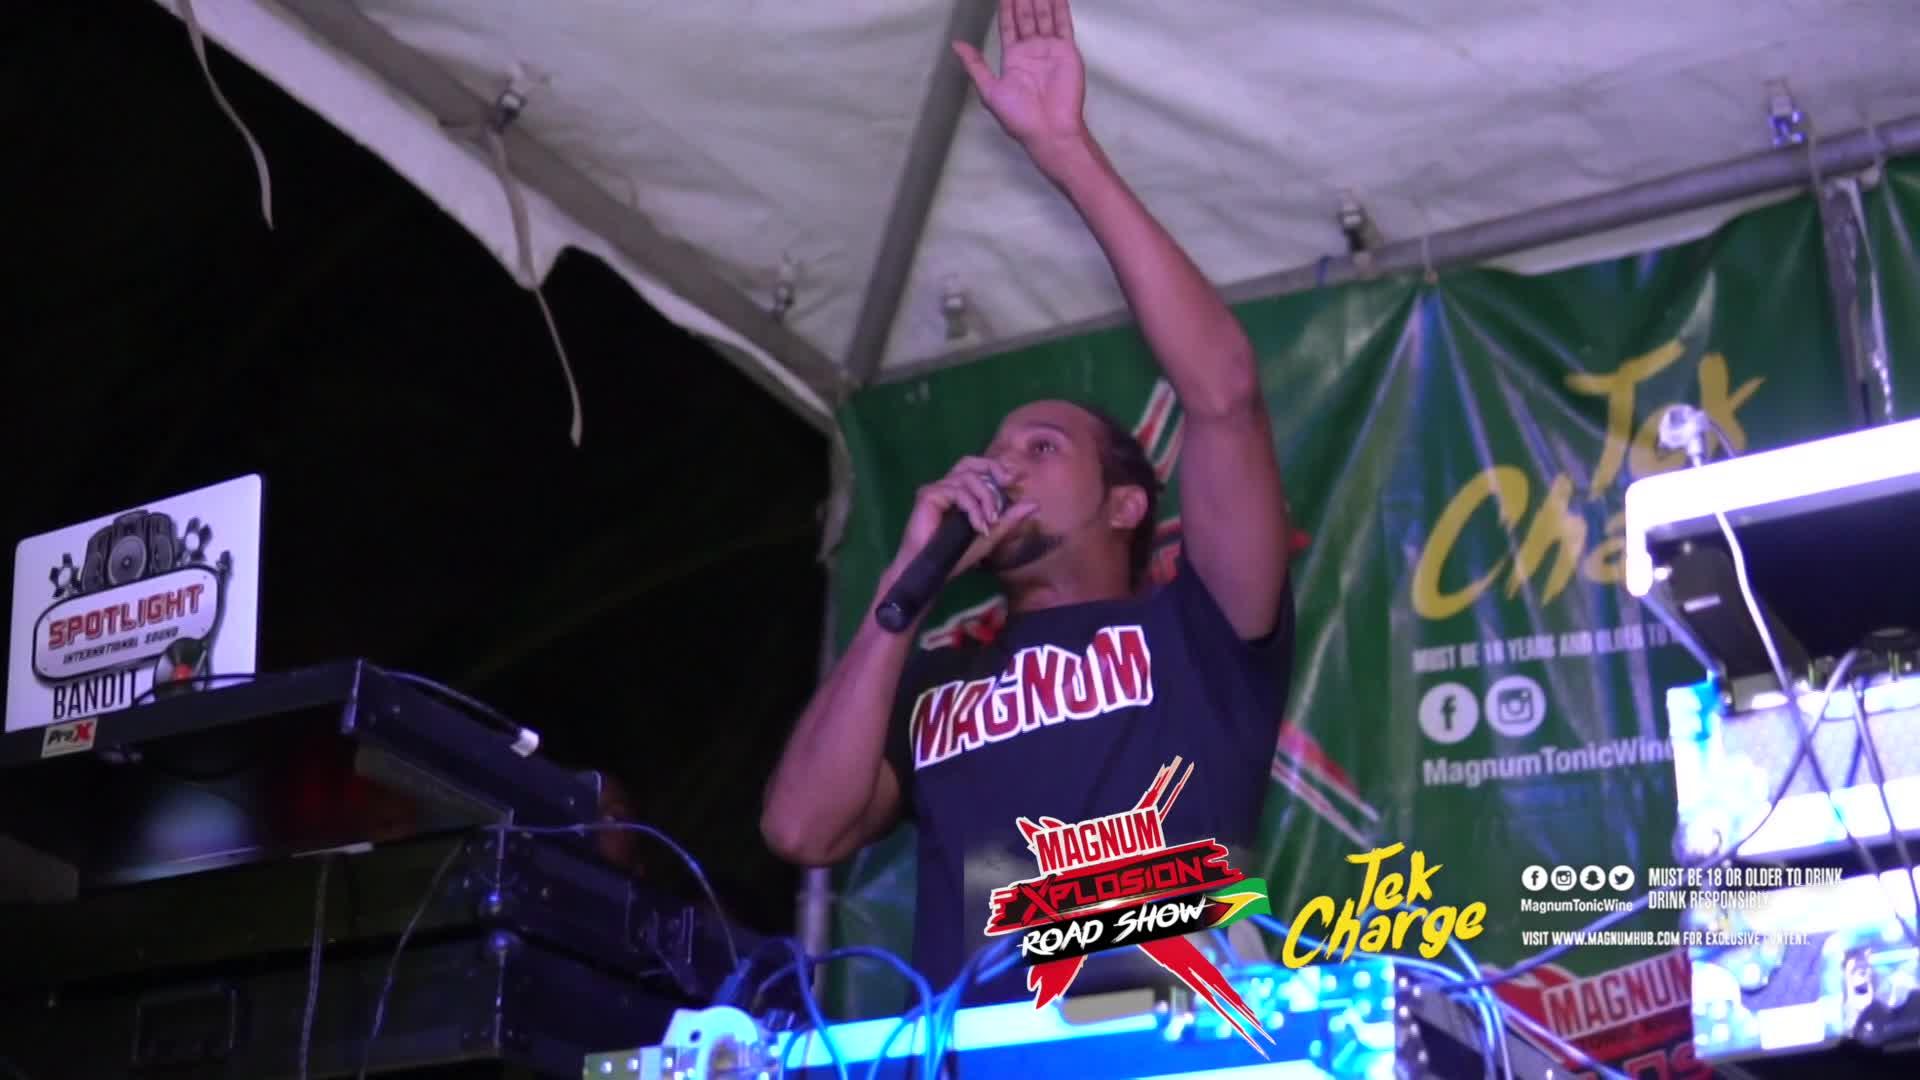 Guyana Magnum Xplosion Sound Clash recap